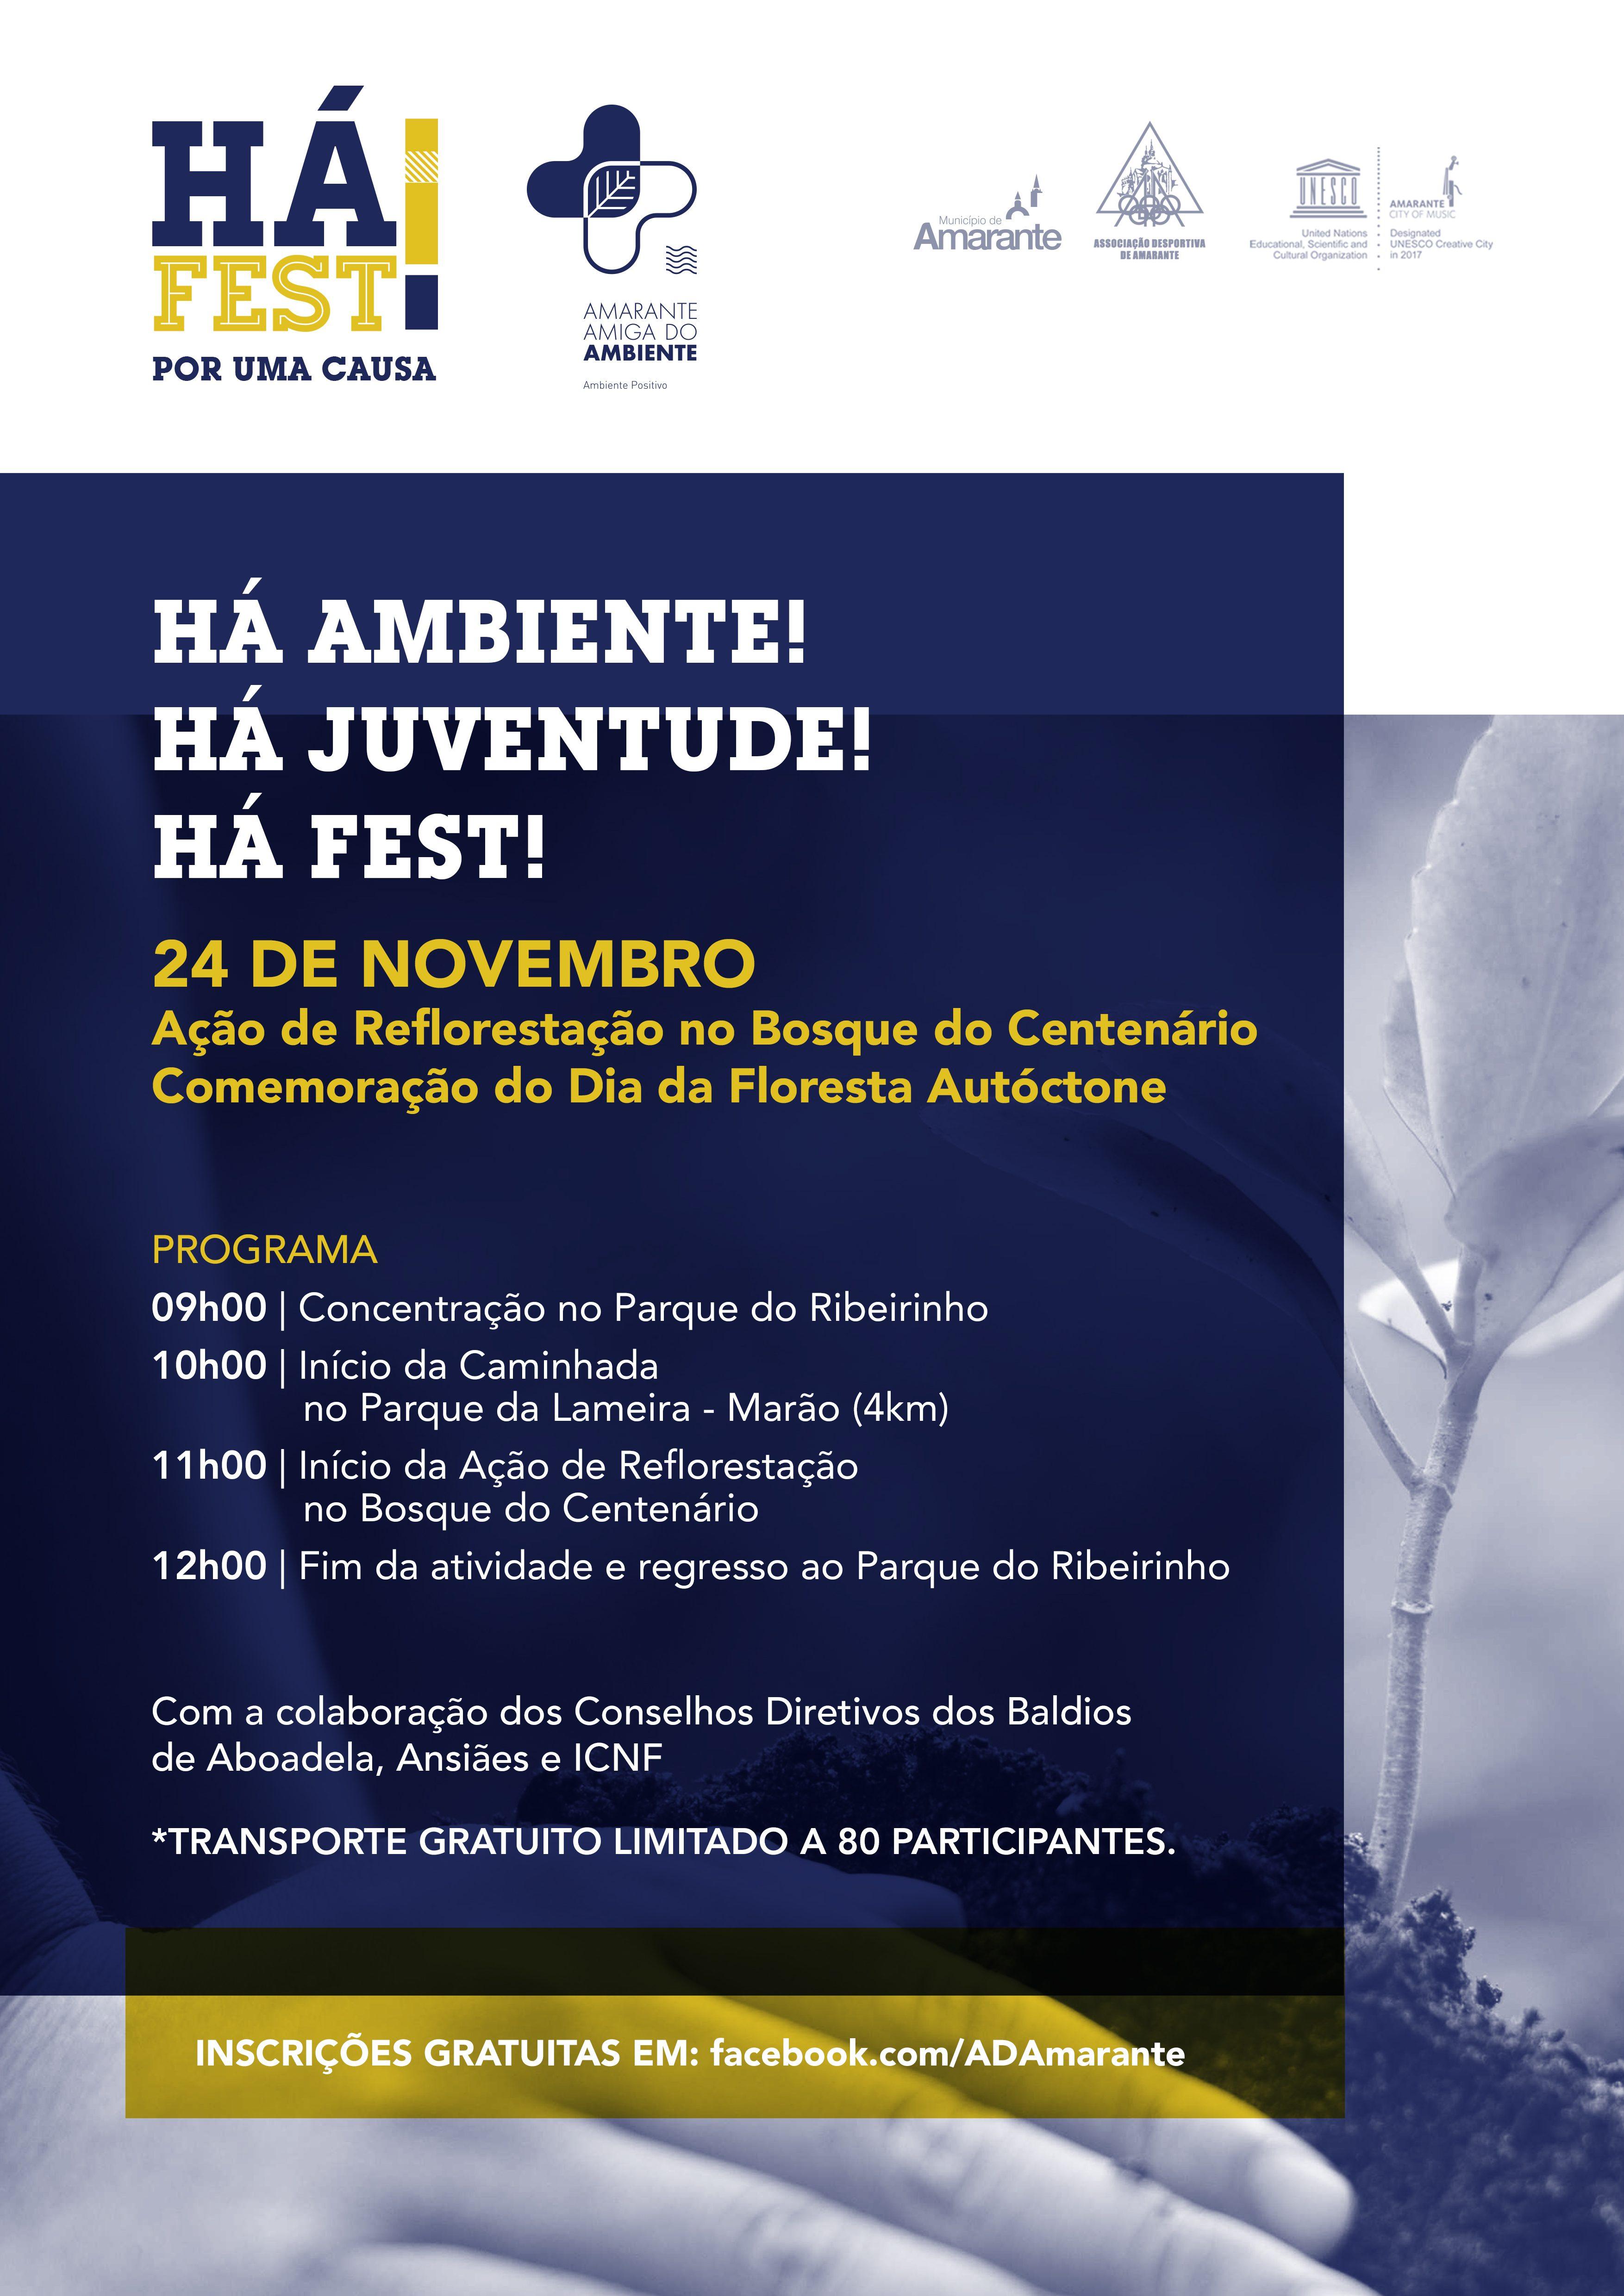 Município de Amarante promove palestra e ação de reflorestação